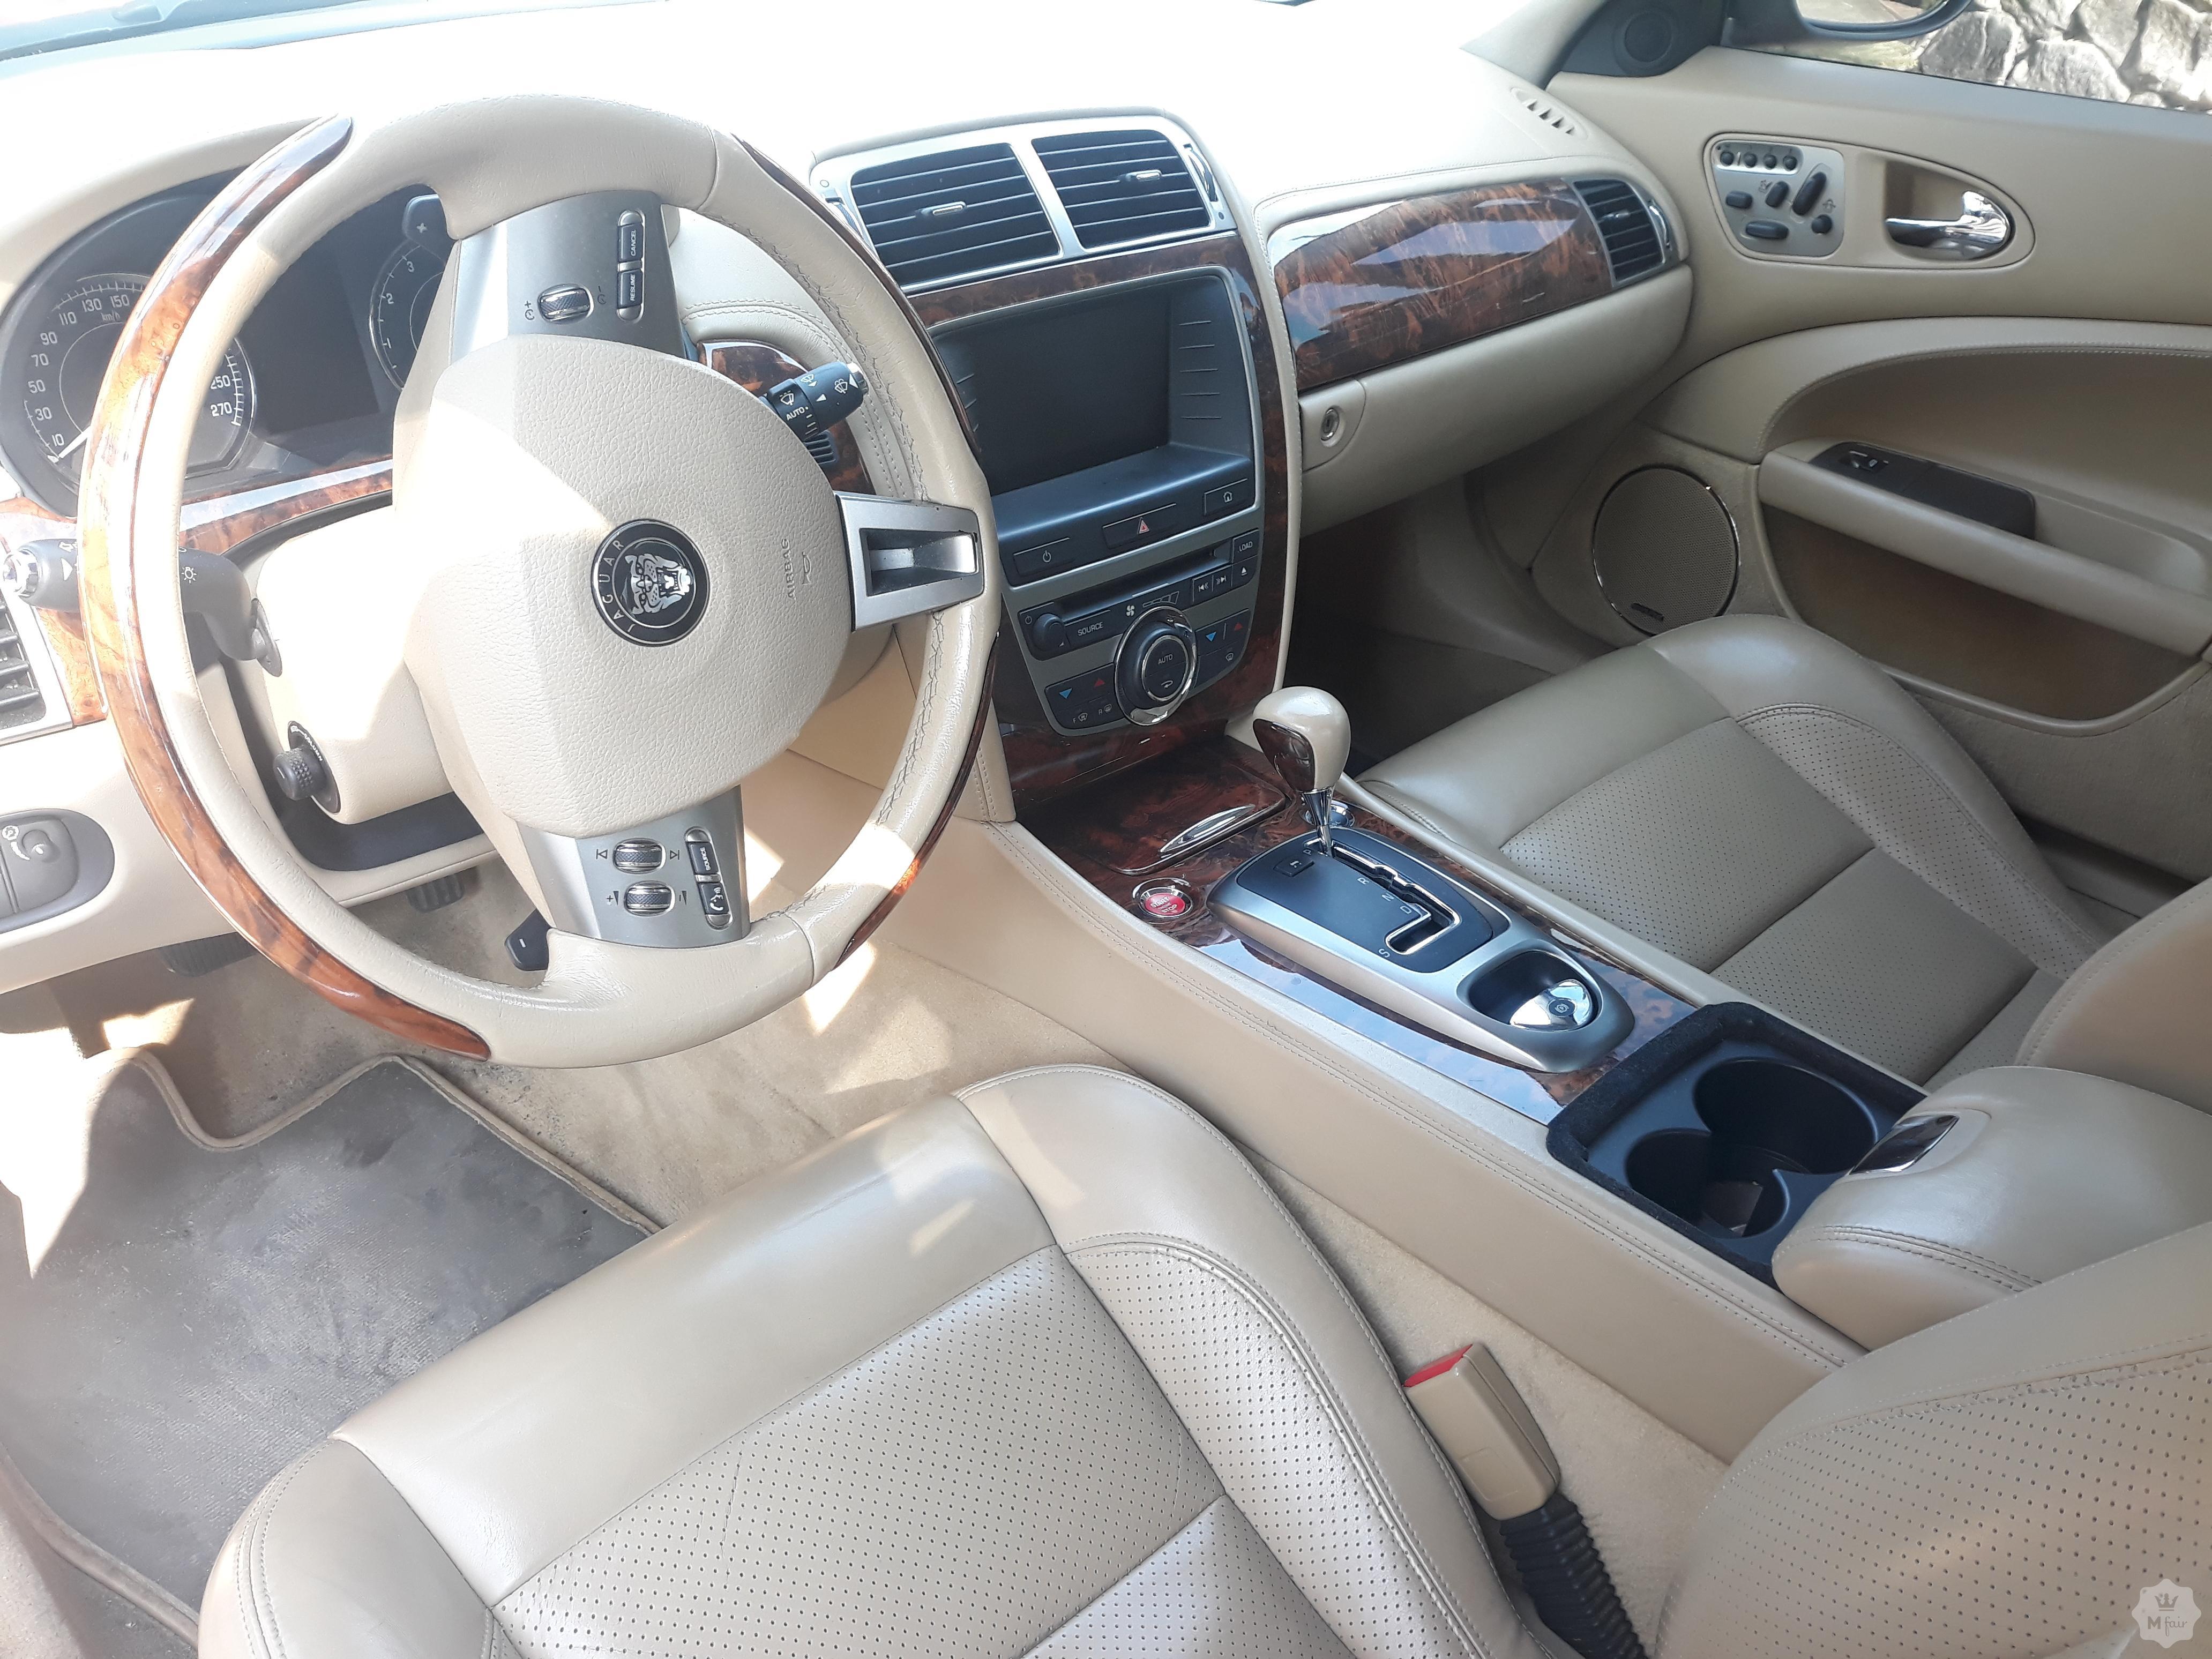 Продажа спортивного купе Jaguar XK '2008 в Киеве на Mfair